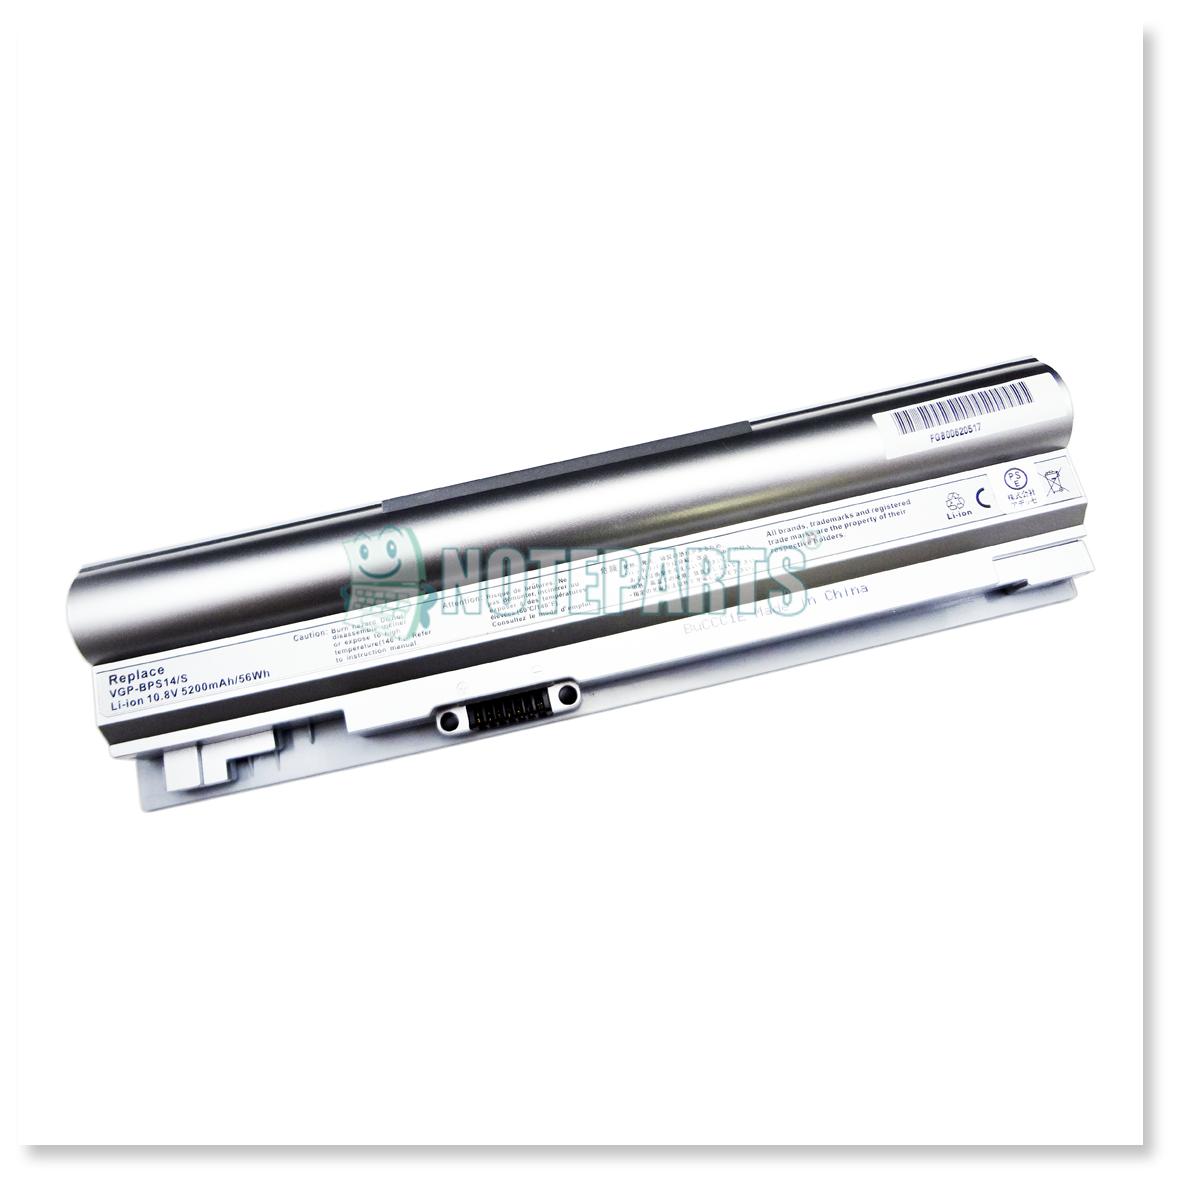 Sony ソニー VAIO バイオ T type T(VGN-TT**) バッテリー VGP-BPS14/S対応